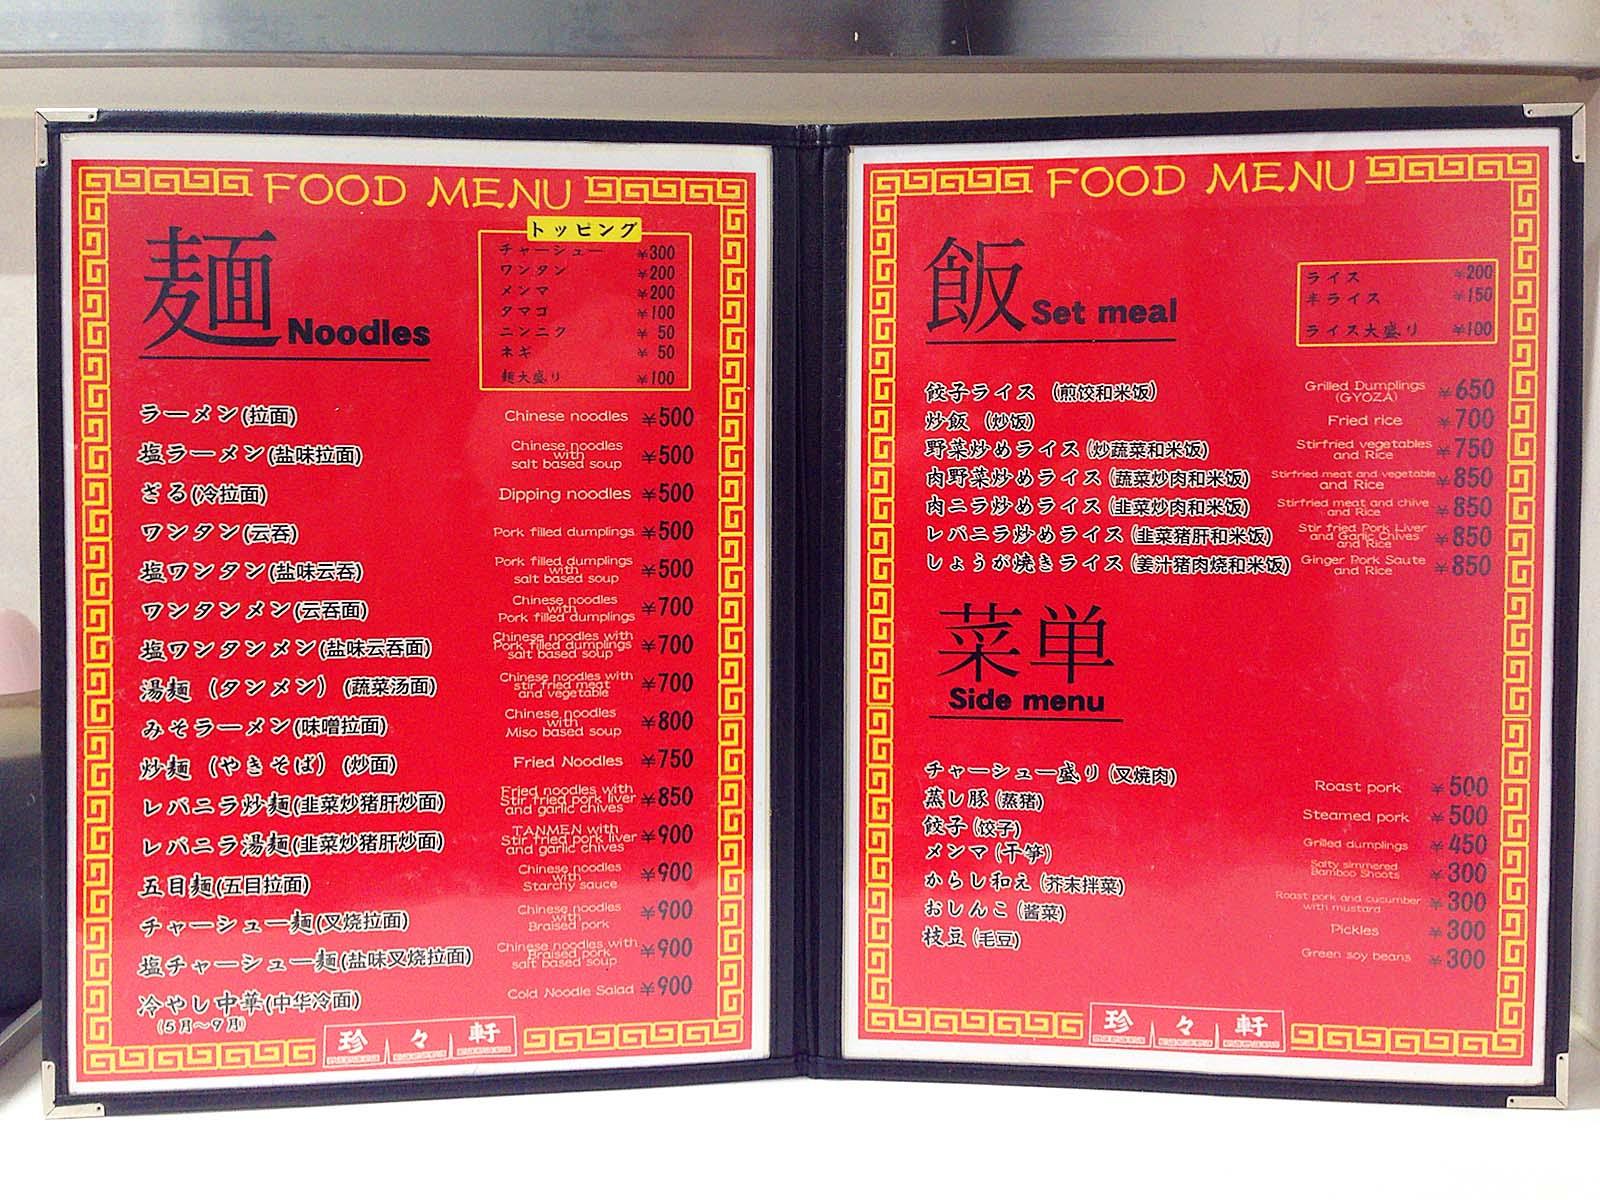 王道中華がお手頃価格で味わえる上野の老舗「珍々軒」のメニュー一覧